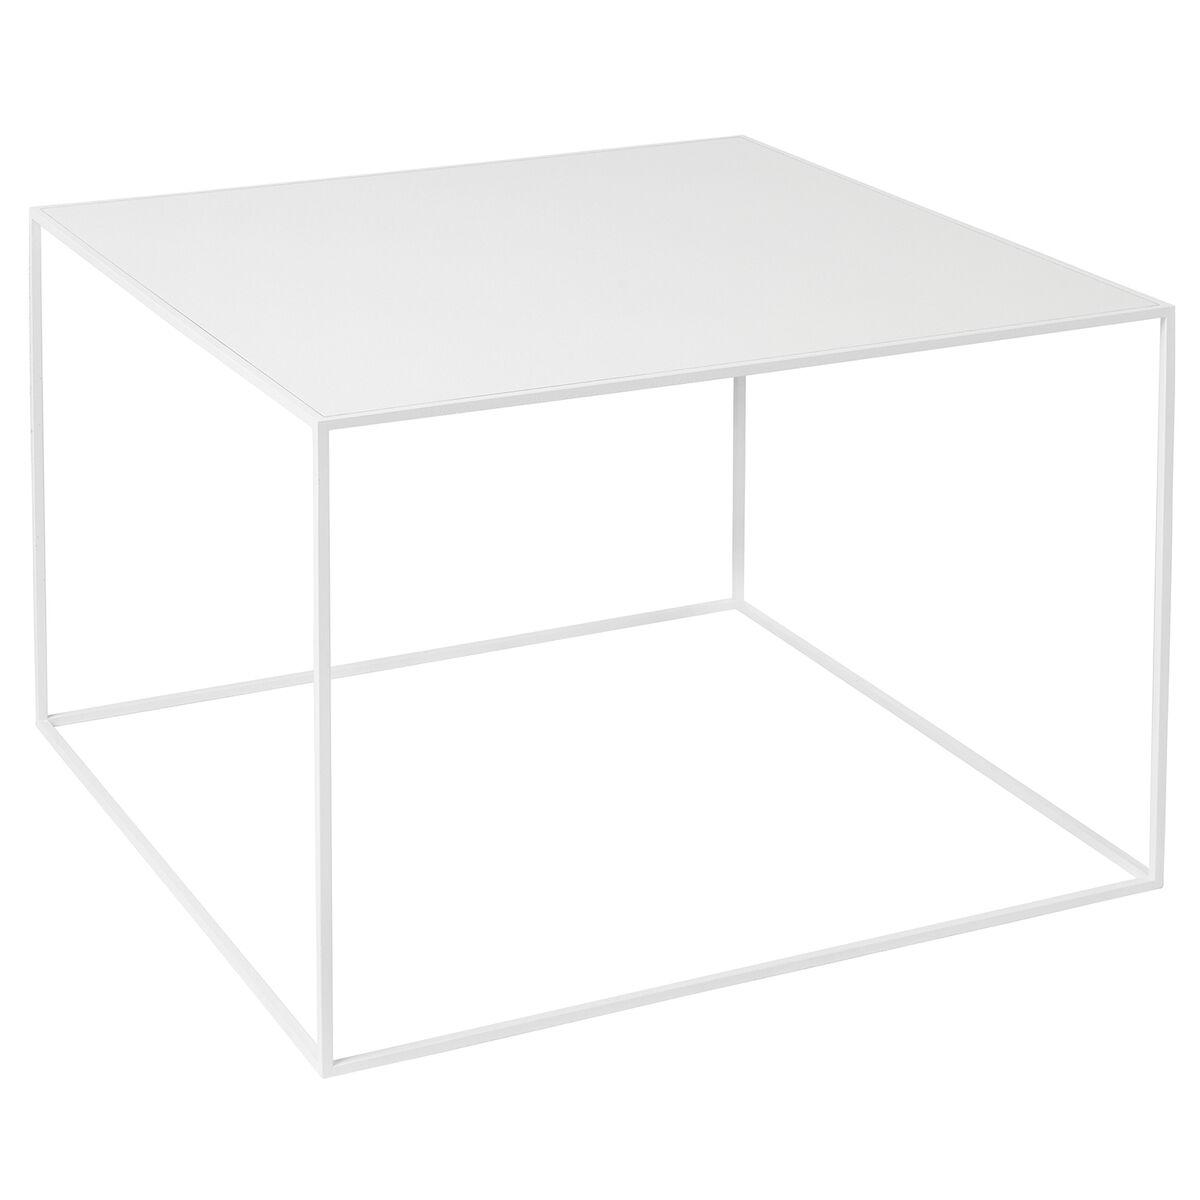 By Lassen Twin 49 sohvapöytä valkoinen, valkoinen/tammi